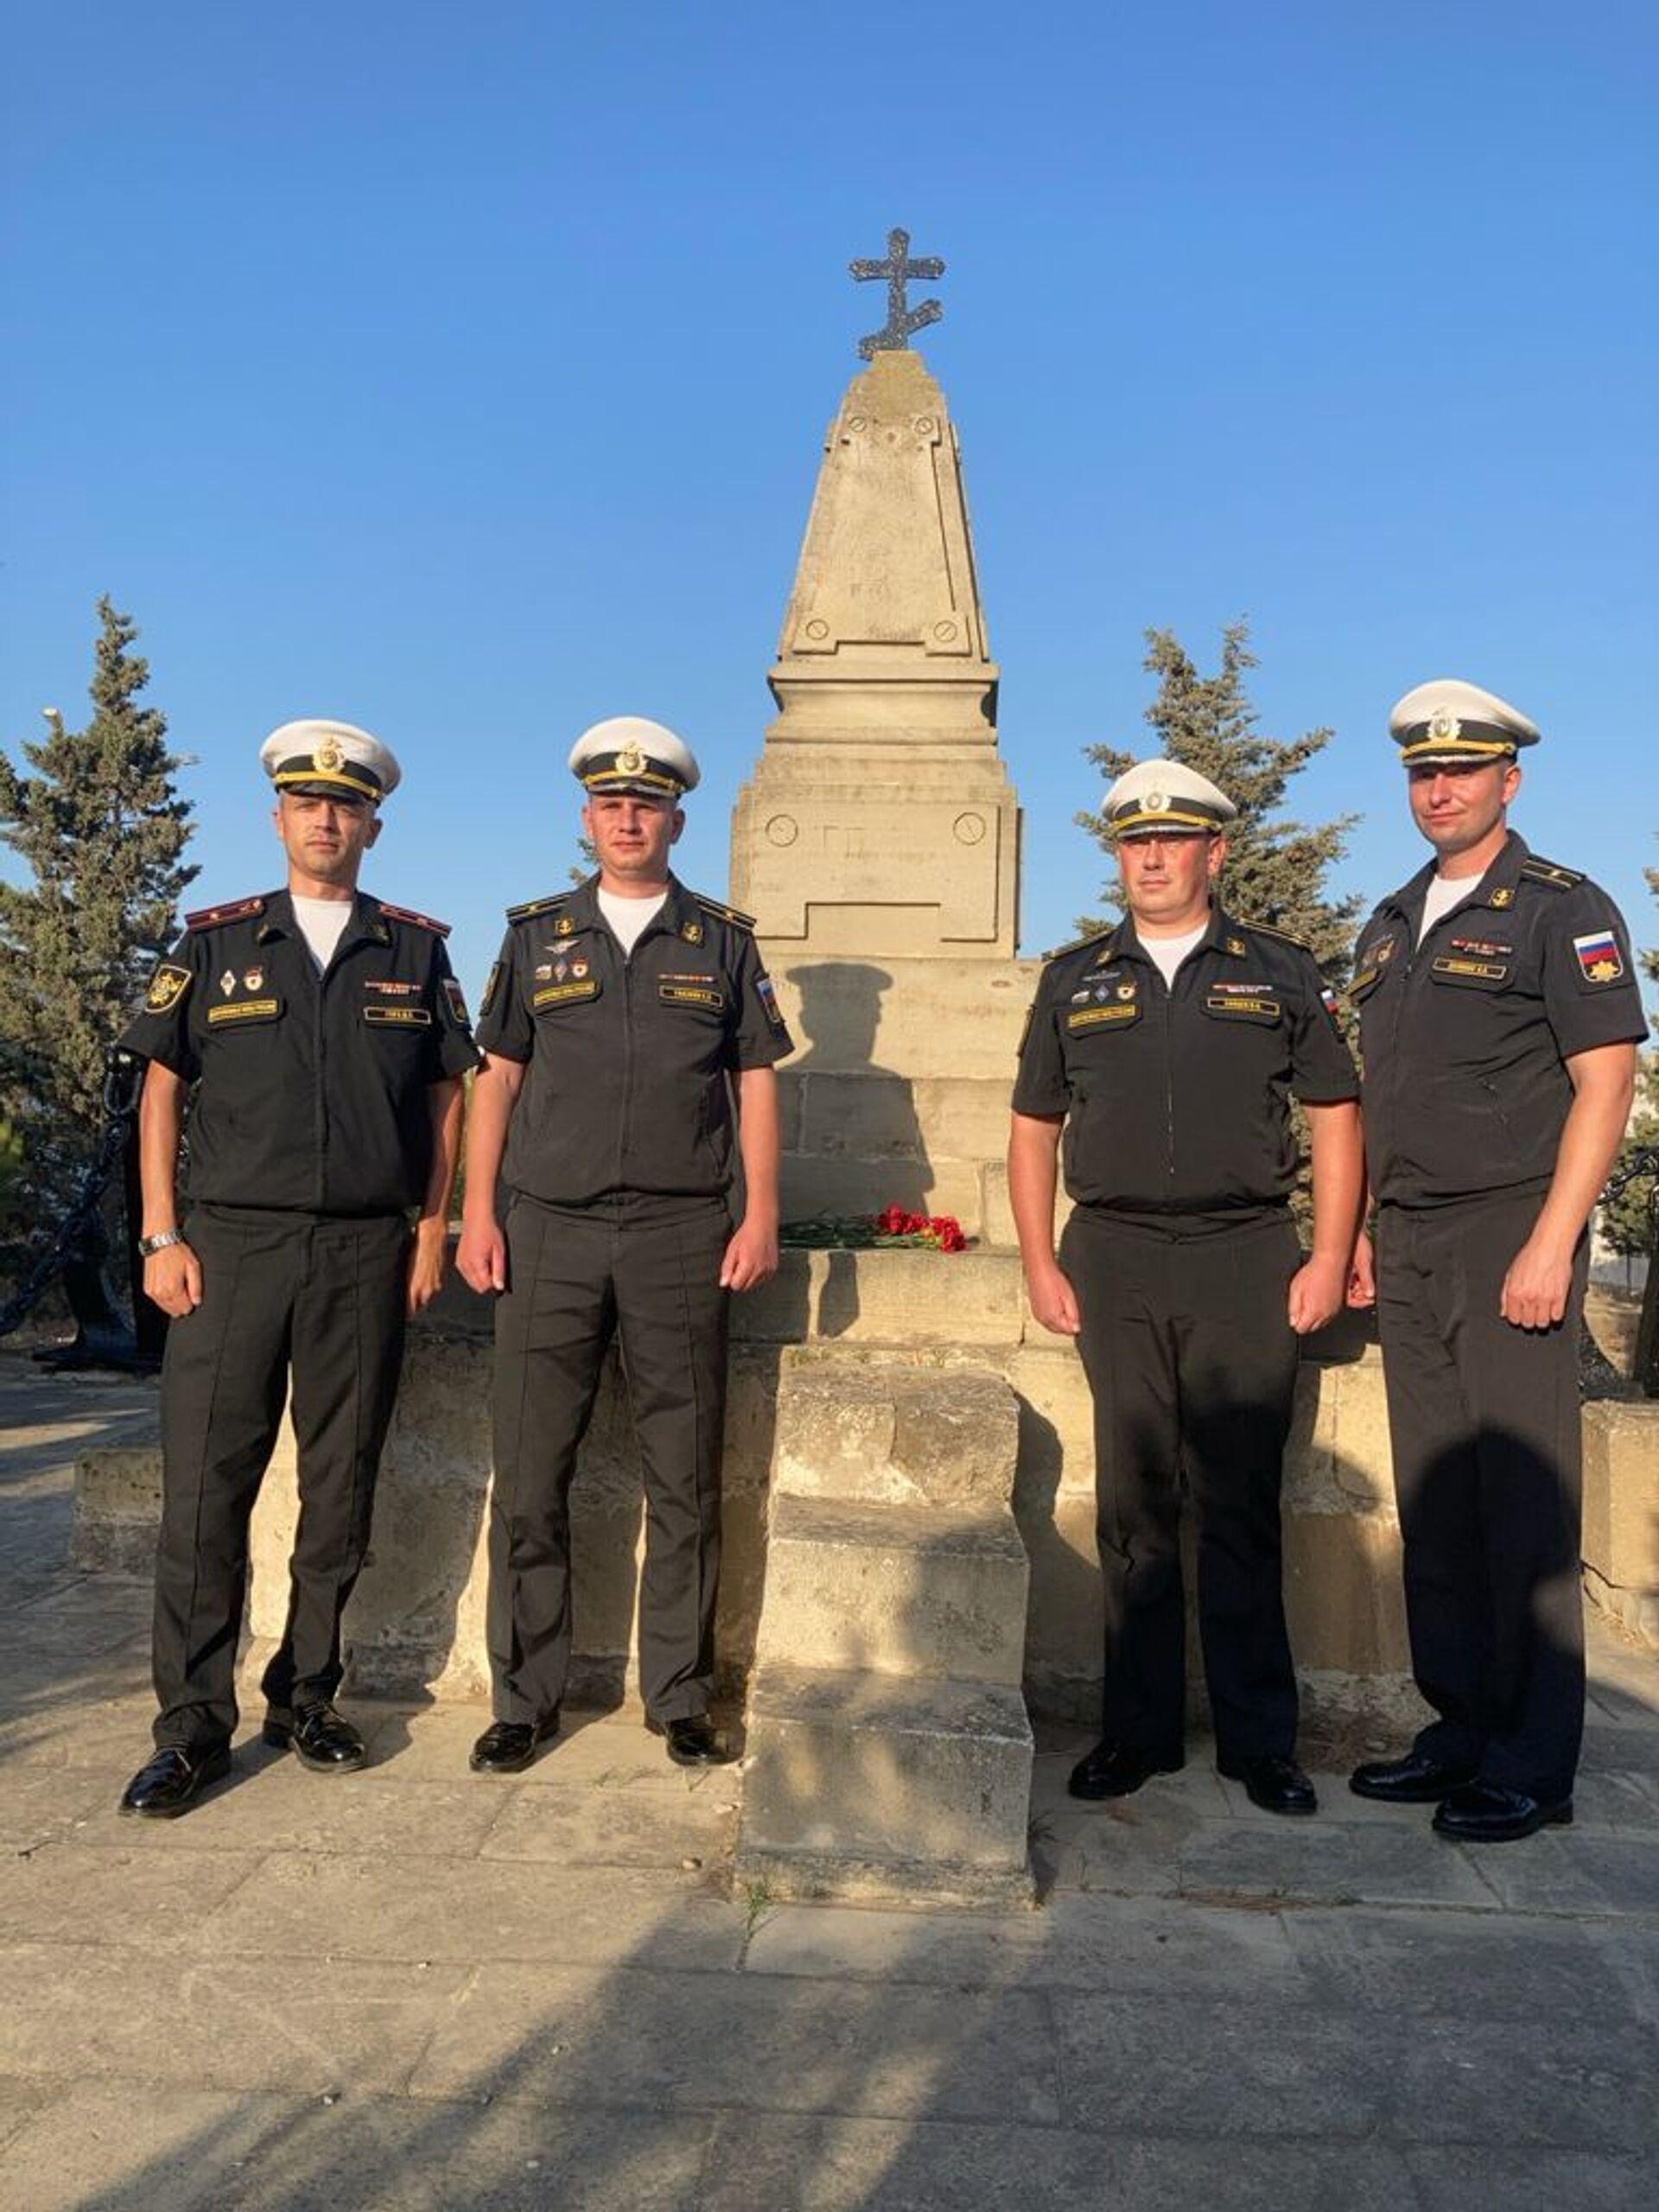 Делегация Военно-морского флота Российской Федерации у памятника морякам, погибшим в результате затопления судна «Куба»  - Sputnik Azərbaycan, 1920, 01.10.2021